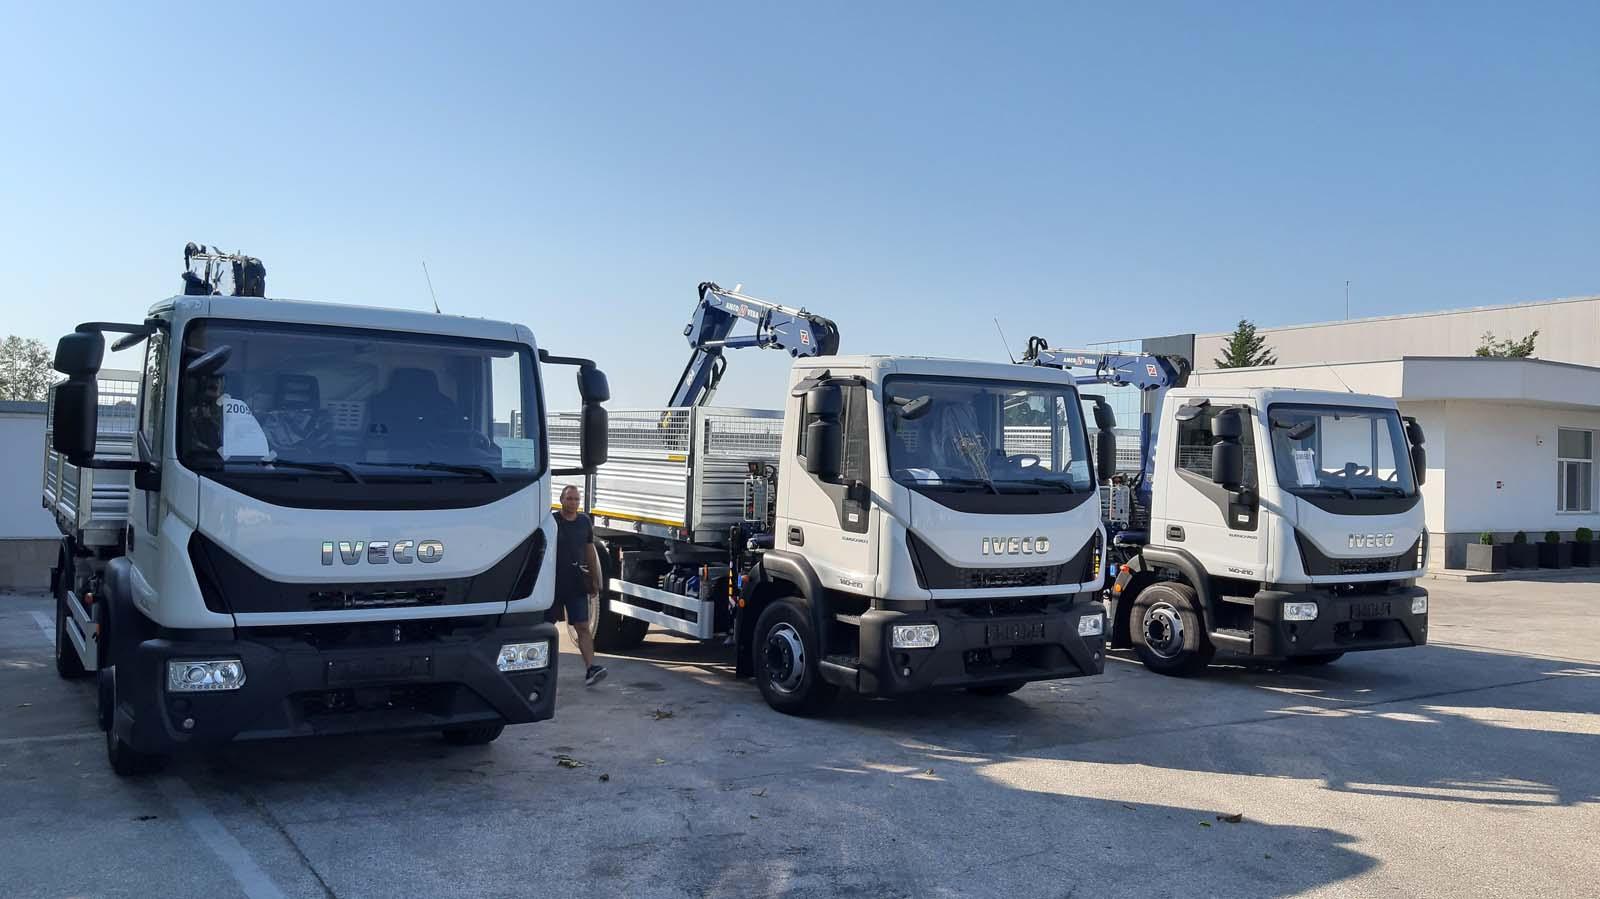 burgas-truck-service-upgrades-5